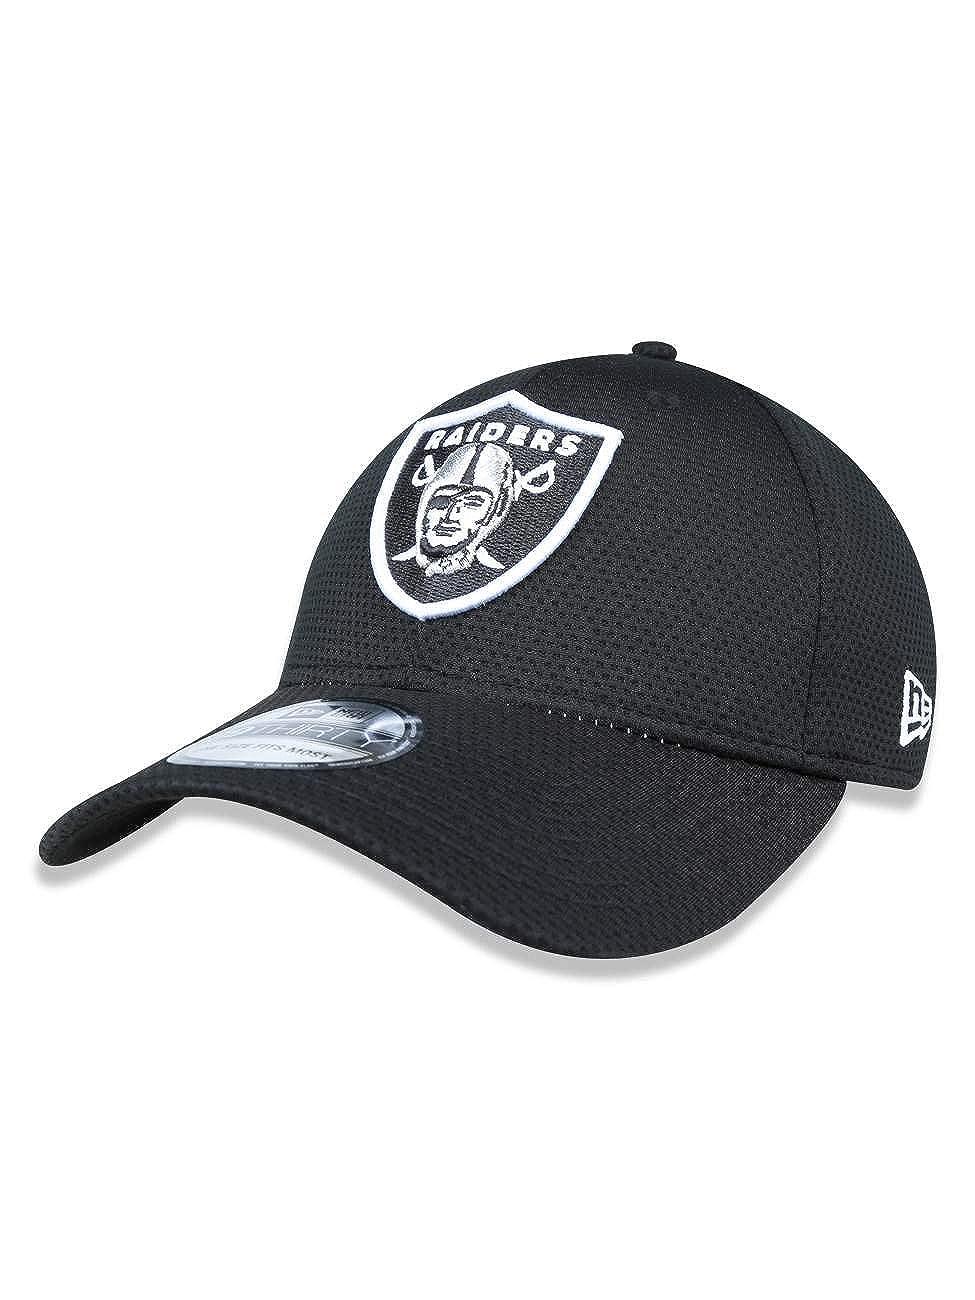 New Era 39thirty Hatのオークランドレイダーズ2016 NFLサイドラインのフィールドブラックキャップ XL  B01LFR1PJ6